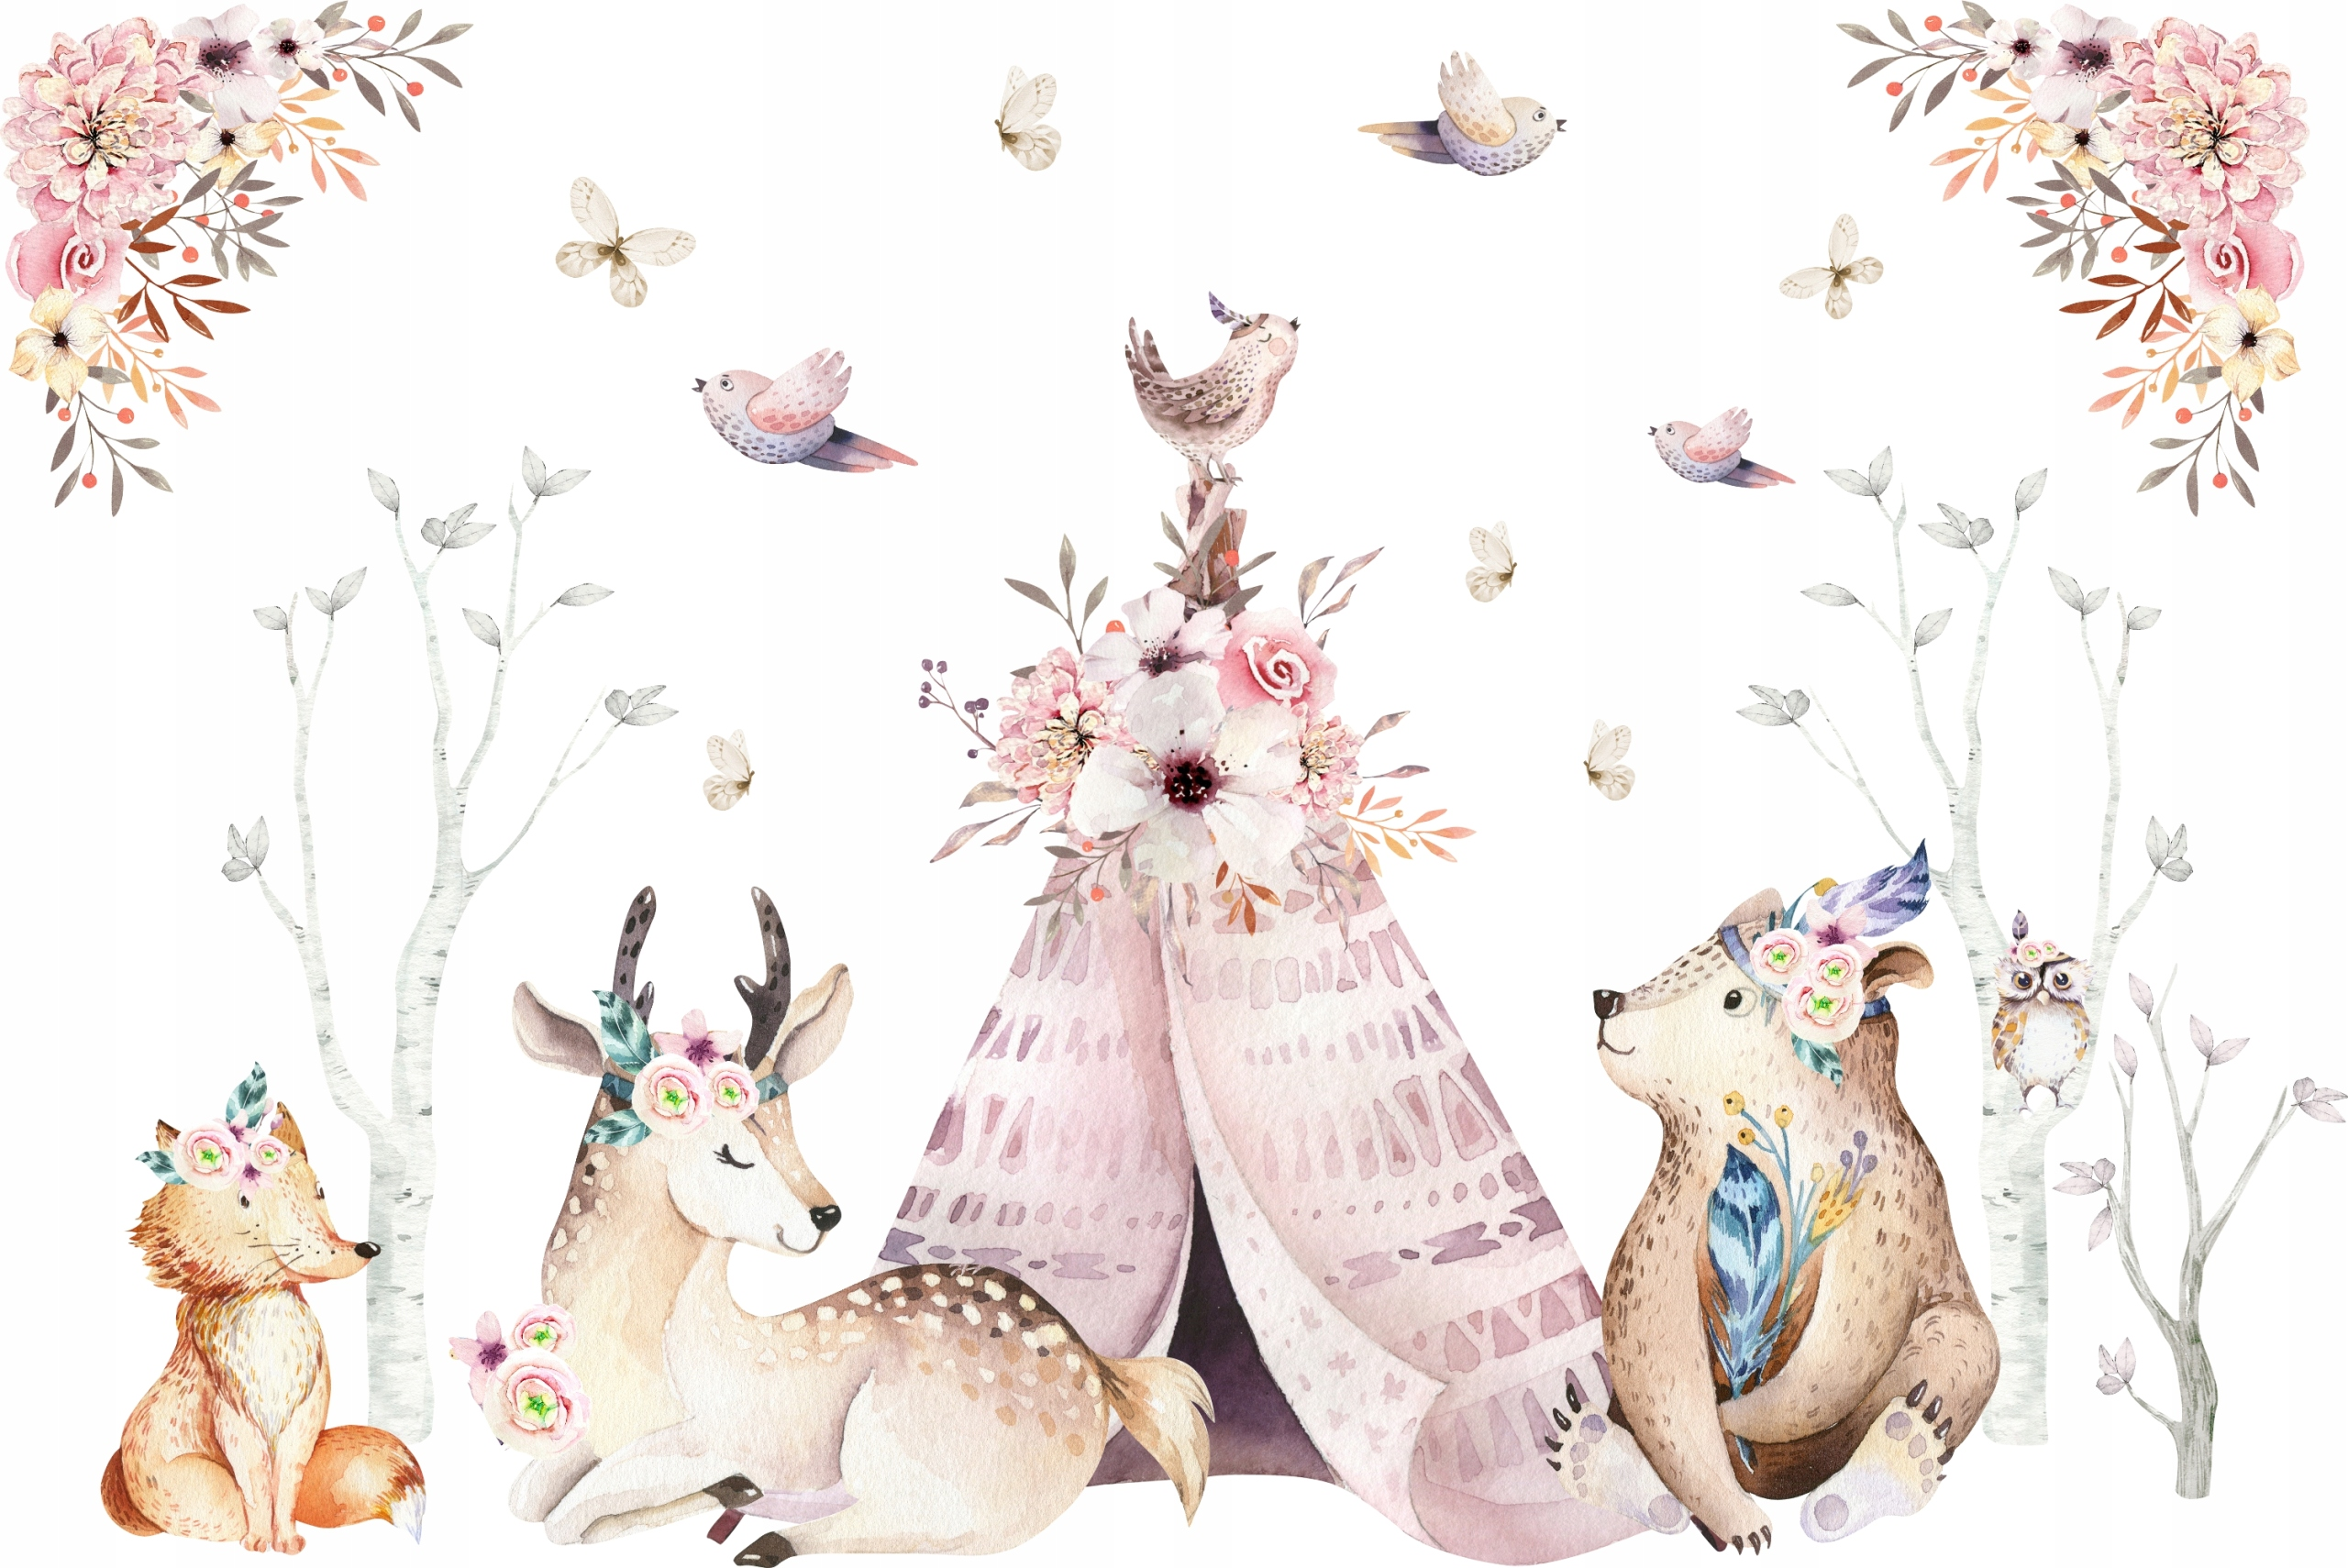 Наклейки на стену для детей Forest Animals Boho